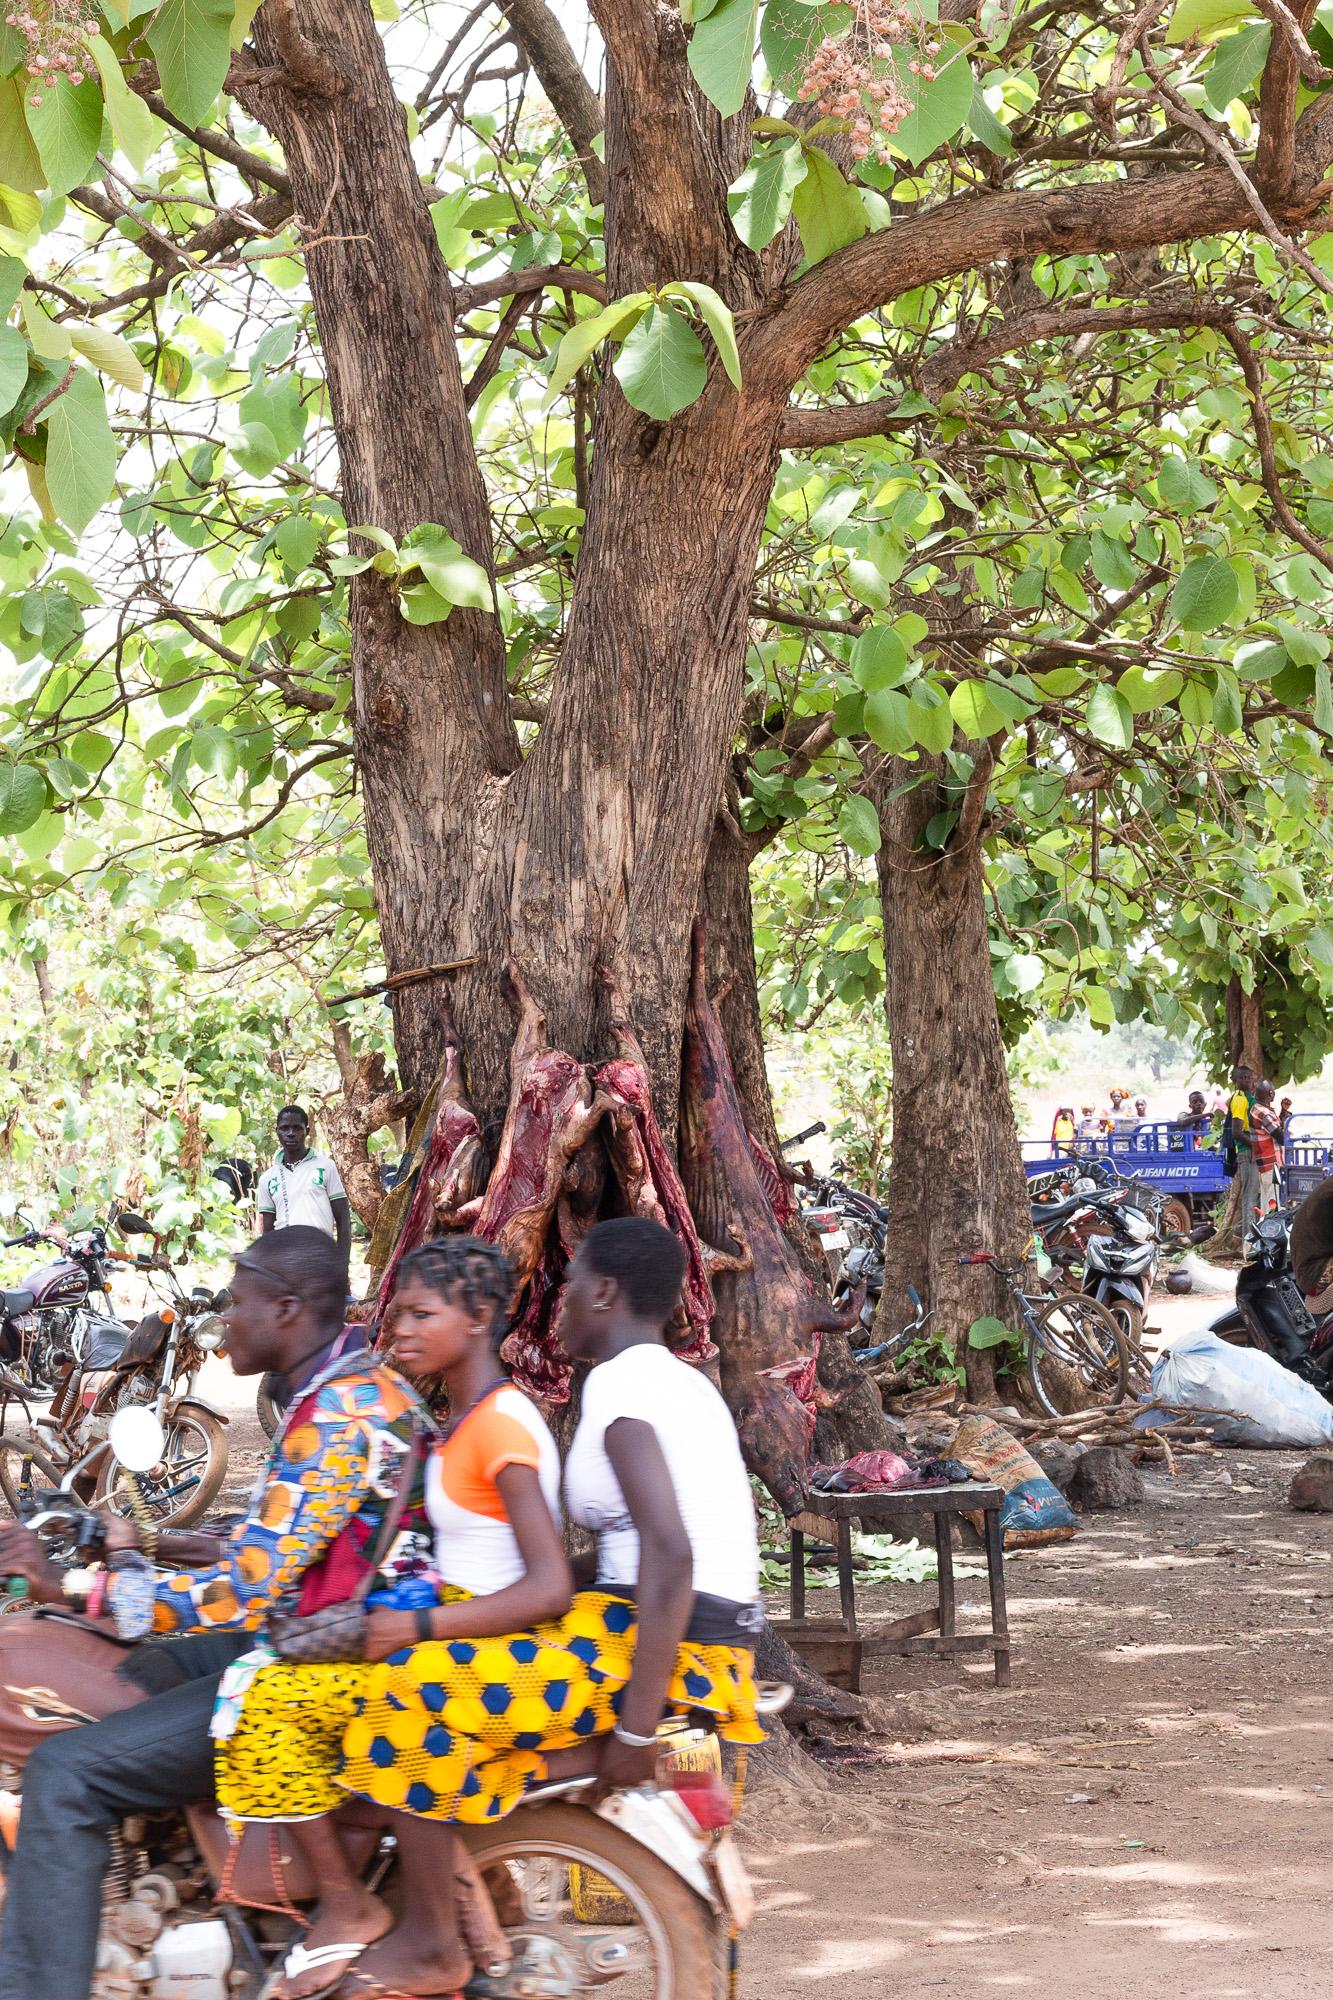 A trois sur une moto au marché de Doudou, pays Lobi, Burkina Faso